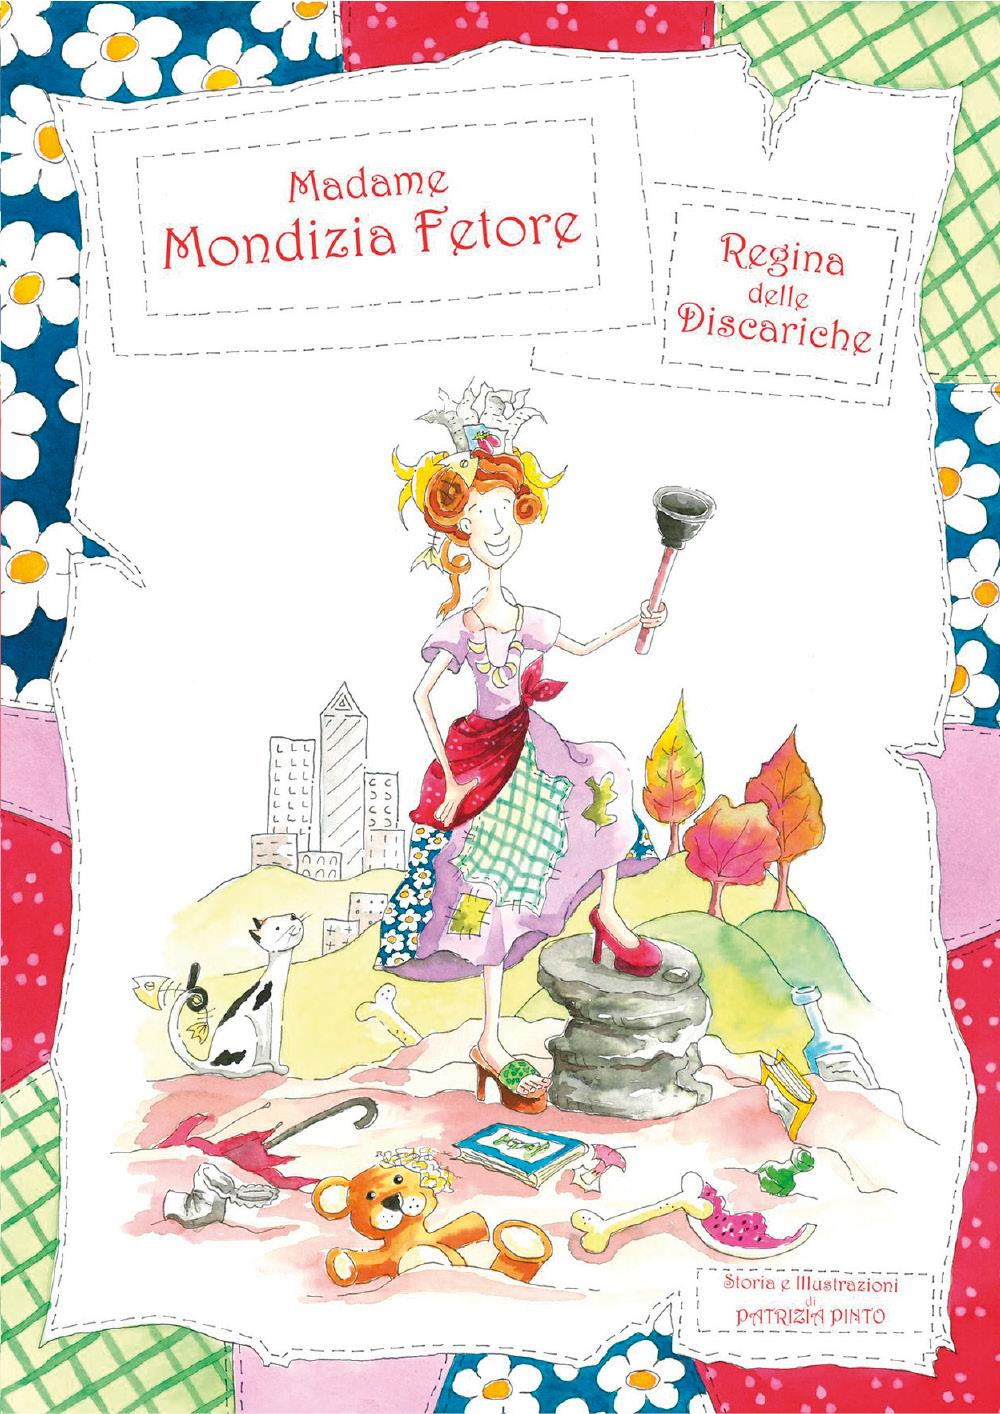 Madame Mondizia Fetore, regina delle discariche